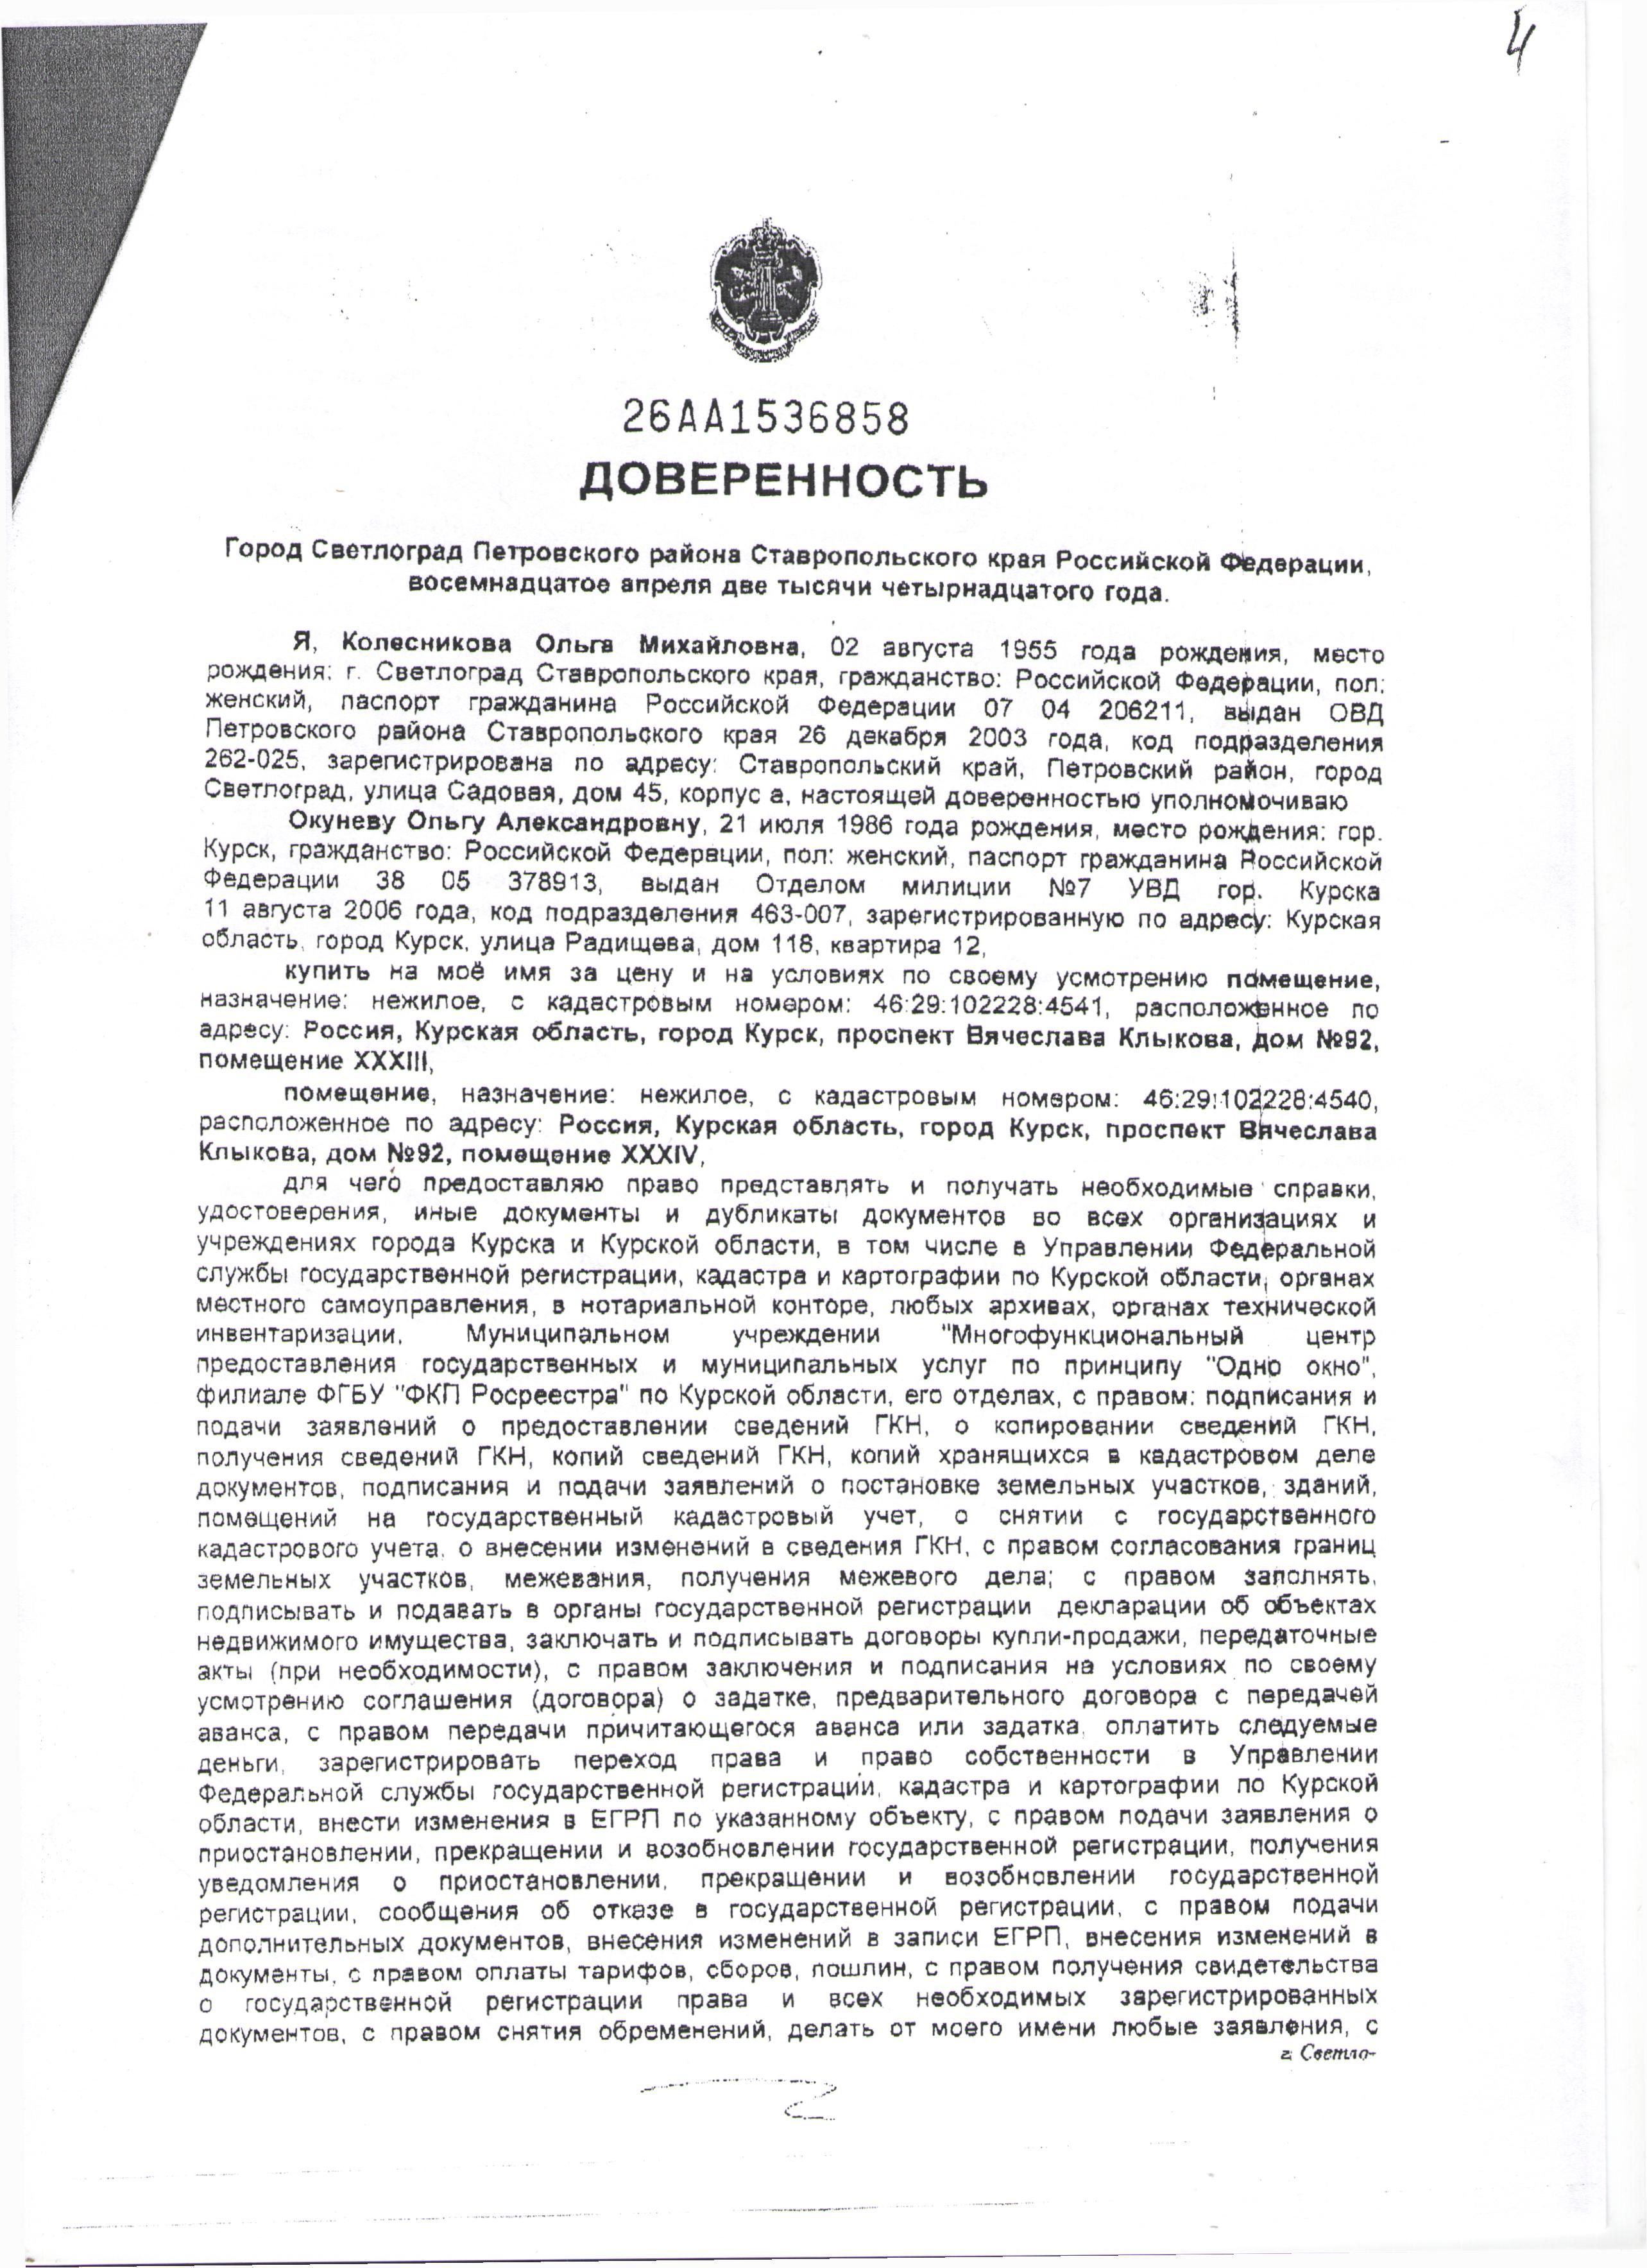 Doverennost` Kolesnikovoy- 0001